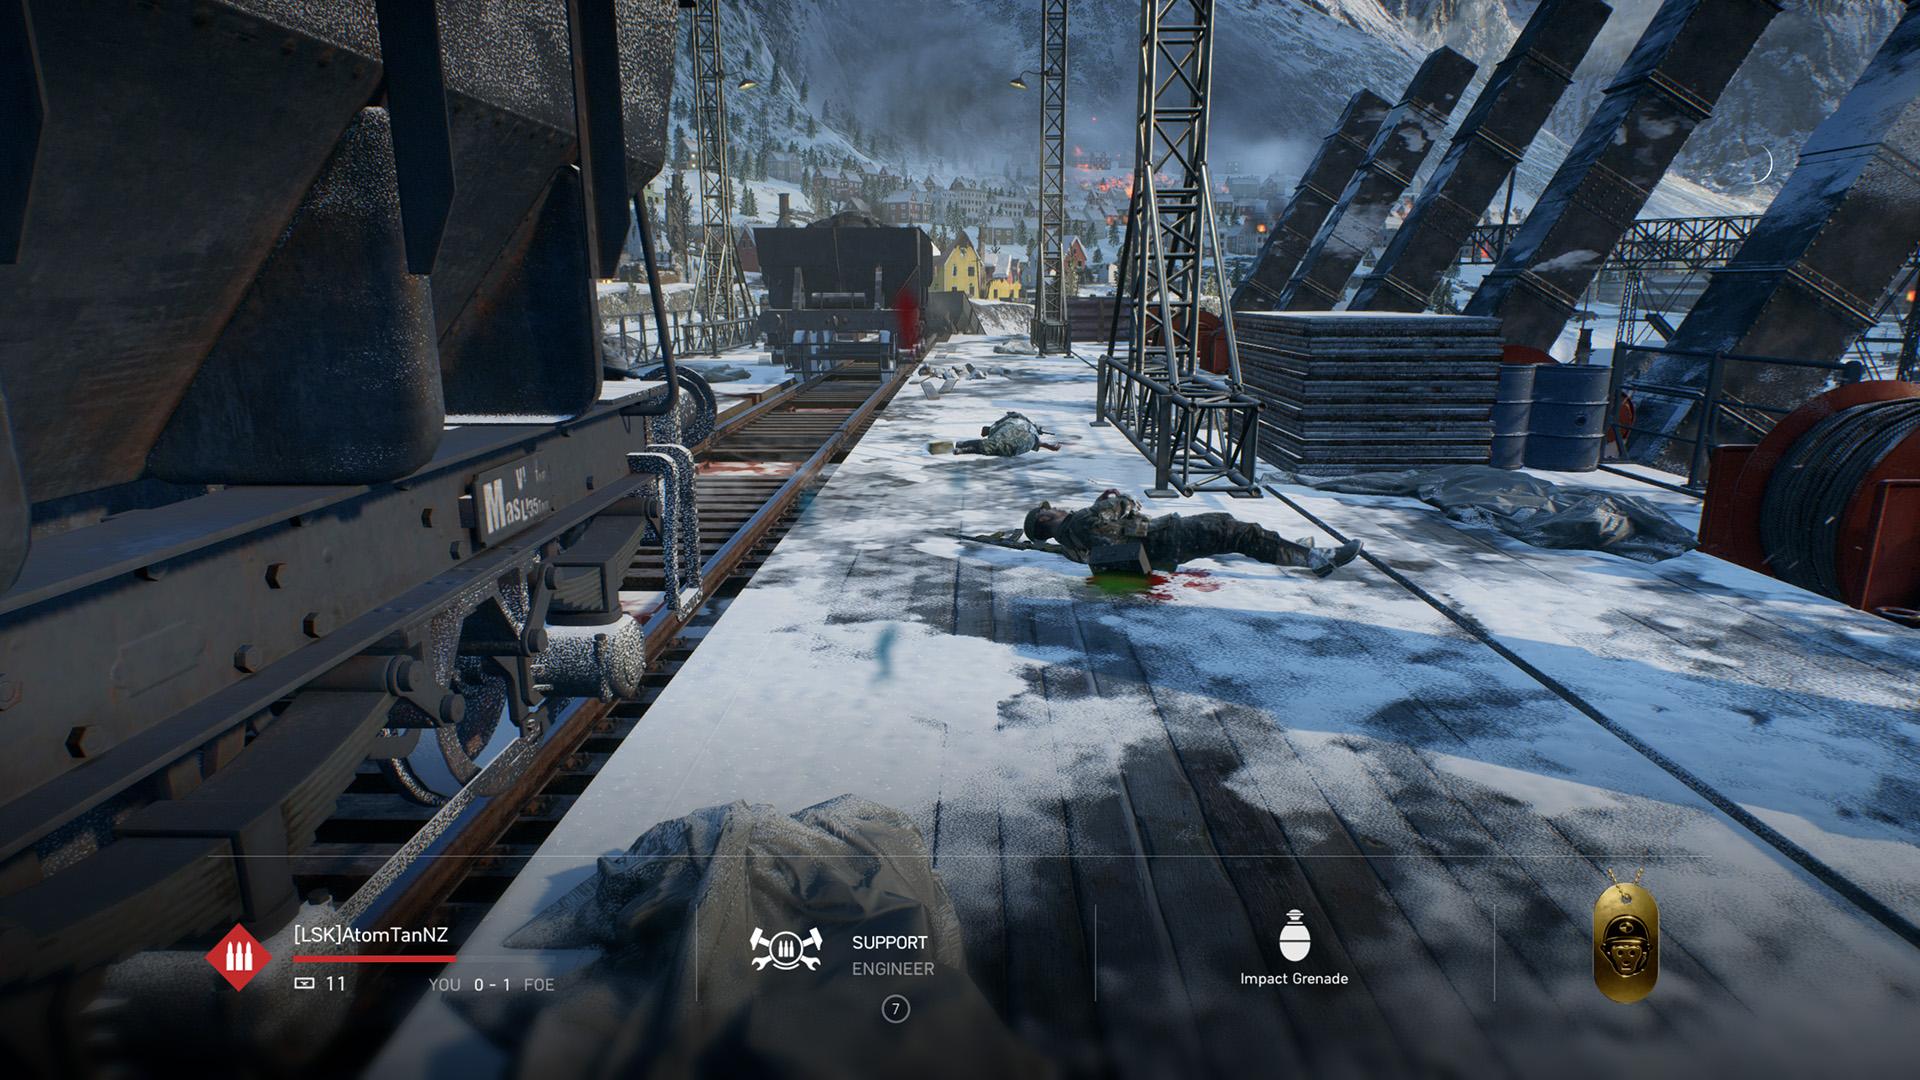 Battlefield V Screenshot 2018_0014_Battlefield V Screenshot 2018.11.11 - 20.40.18.74.jpg